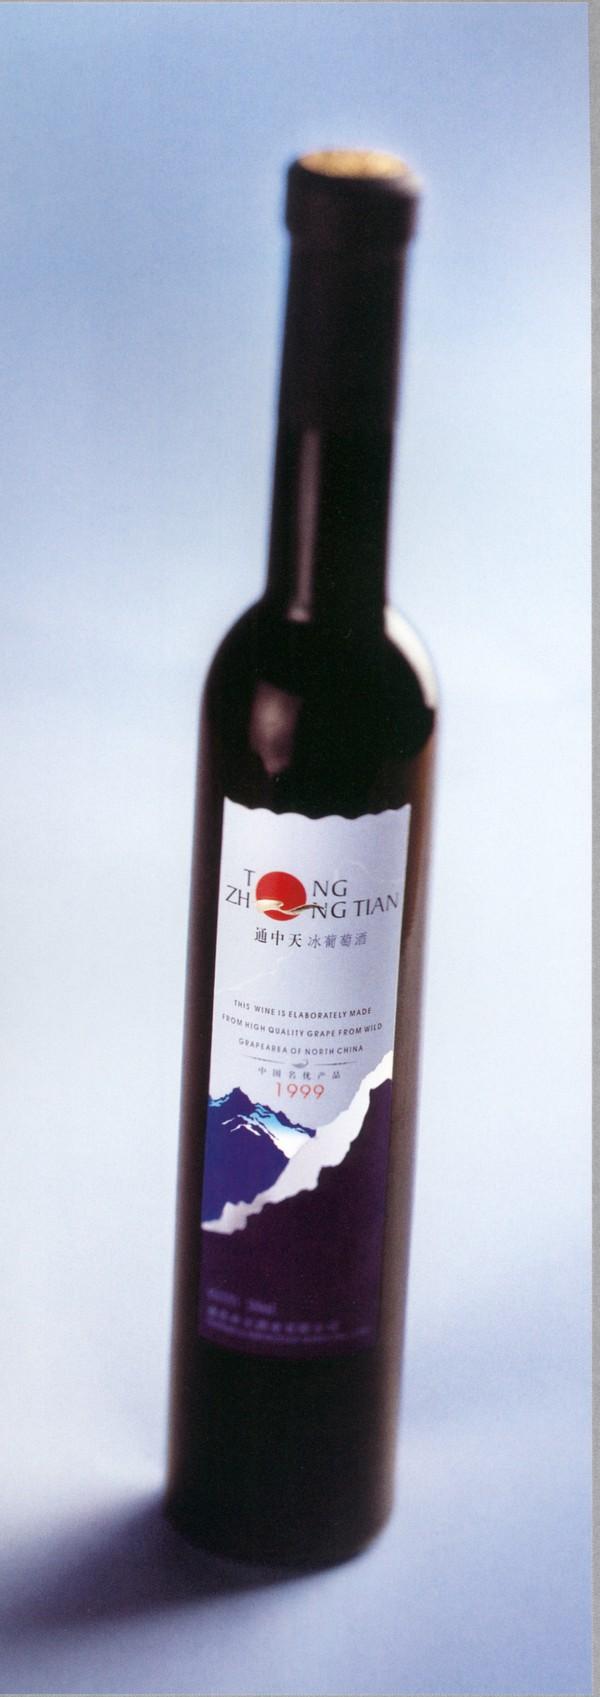 华文设计年鉴-包装卷-饮食 通中天冰葡萄酒 1998 中国名酒图片